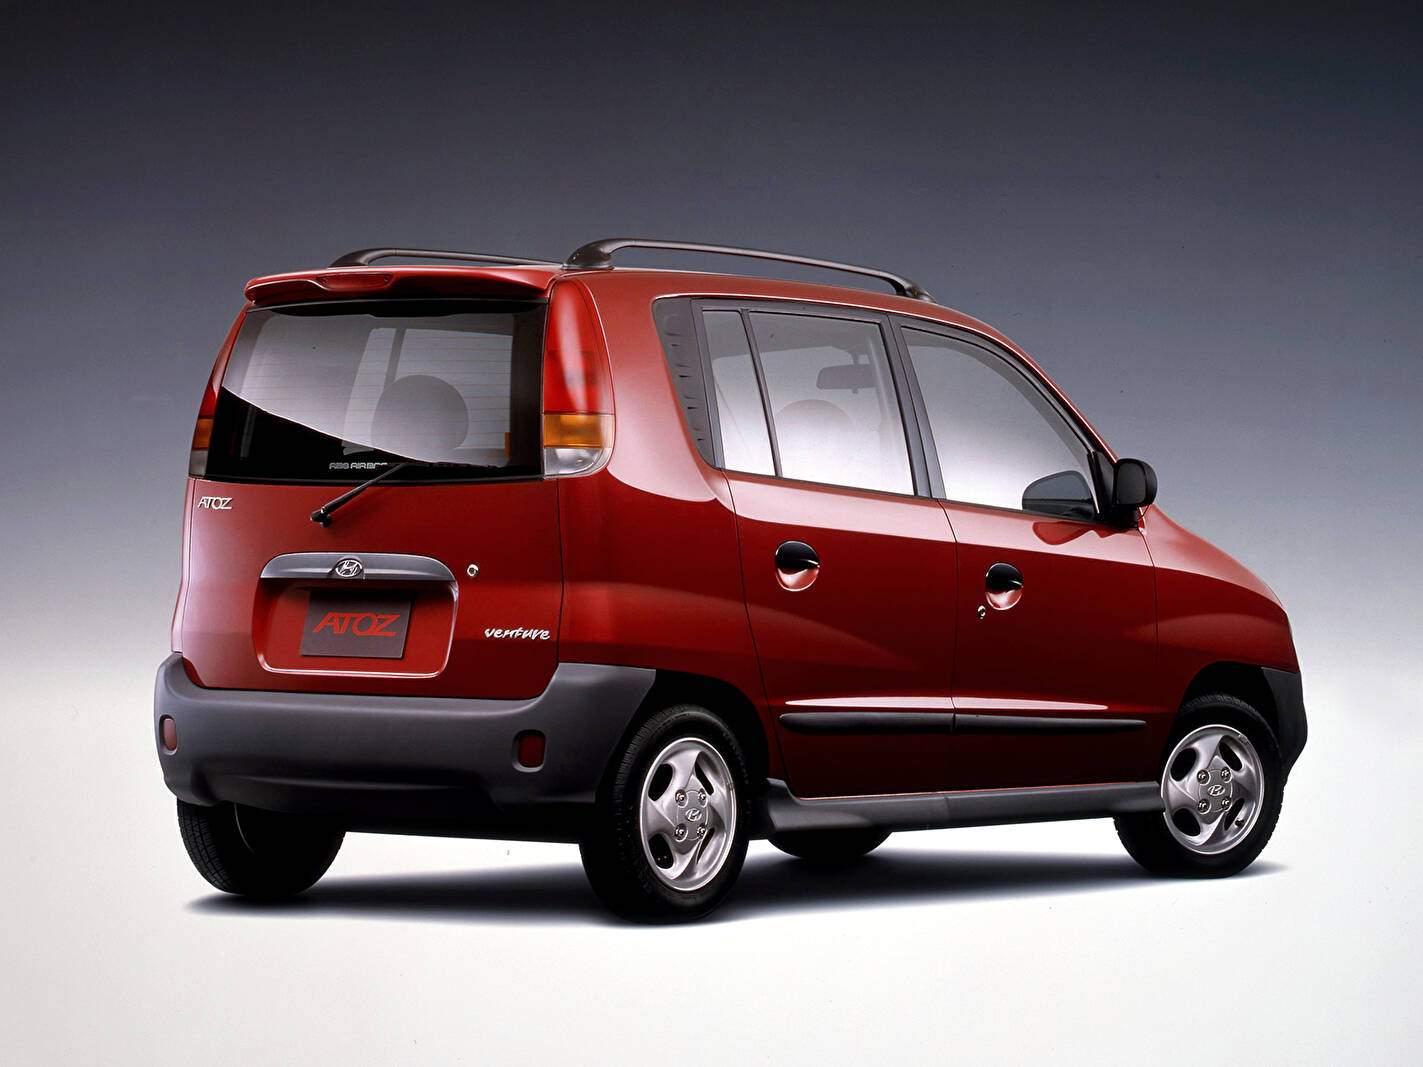 Hyundai Atoz 1.0 (1997-2001),  ajouté par fox58